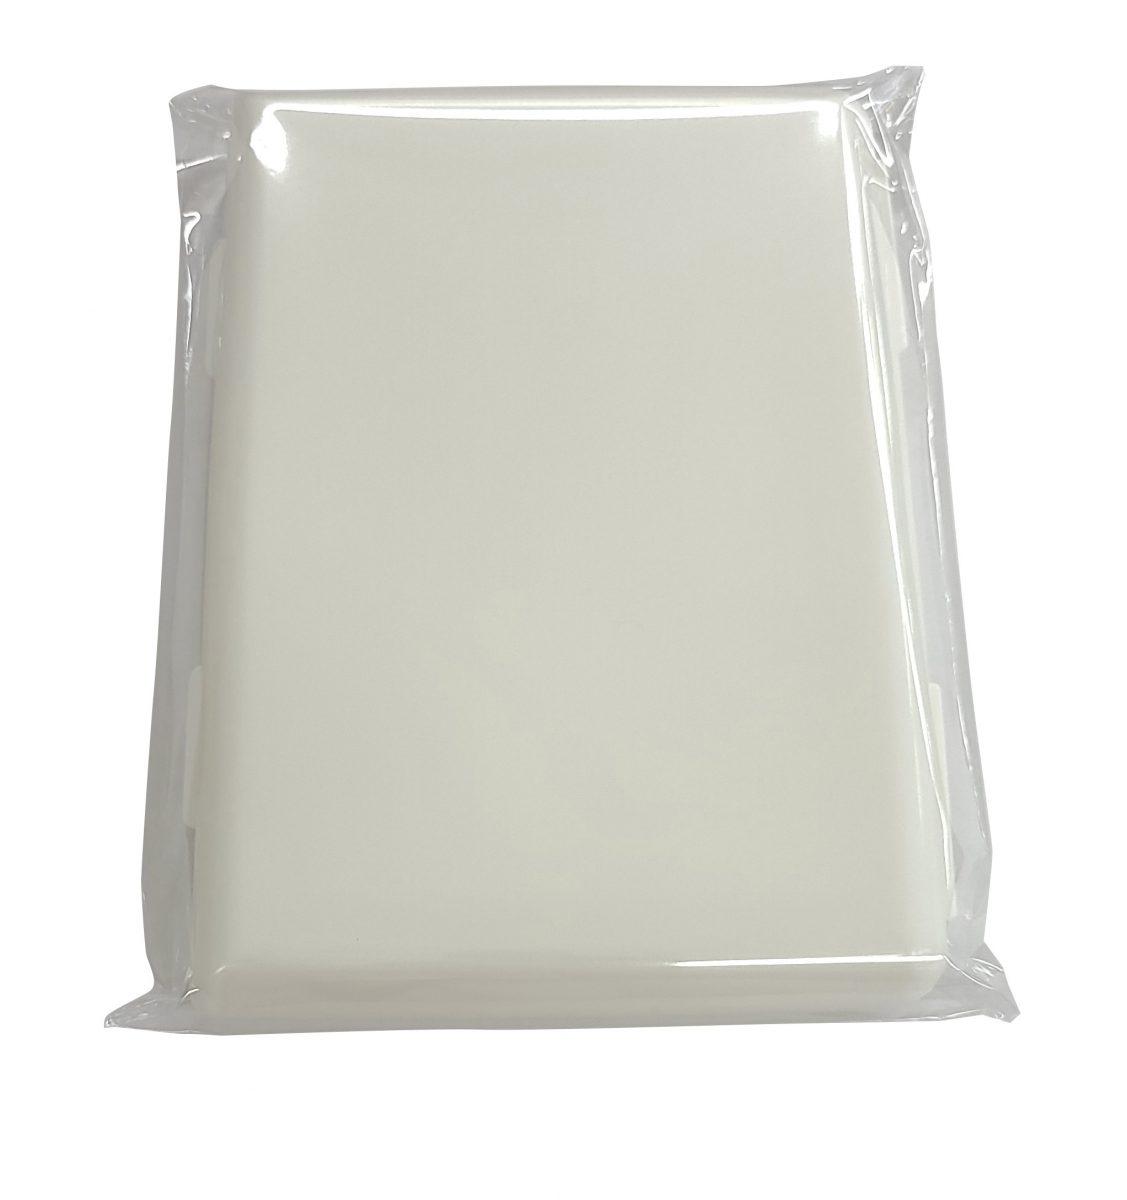 抗菌コンパクトマスクケース1個(オフホワイト)